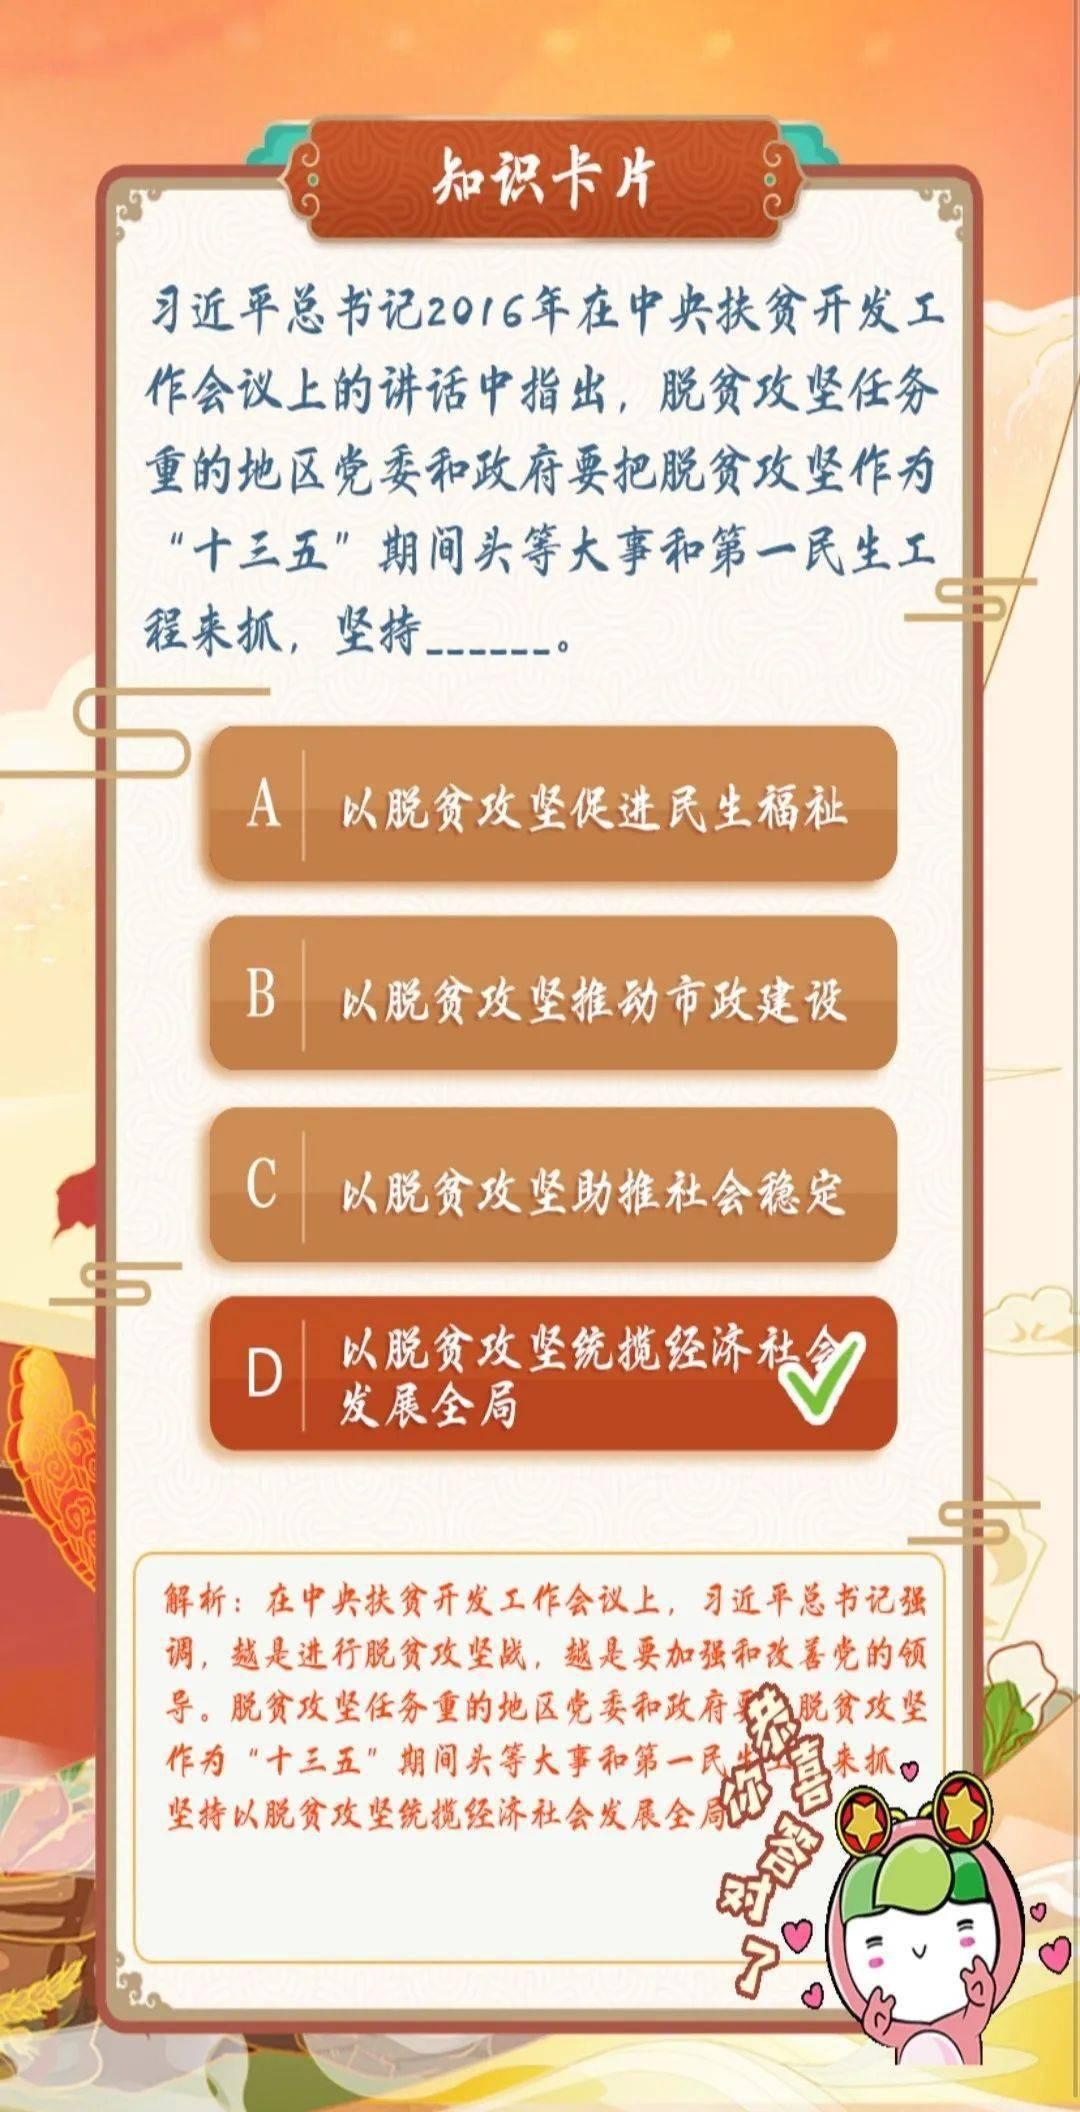 青年大学习第十季第二期答案大全,所有题目正确答案分享[多图]图片2